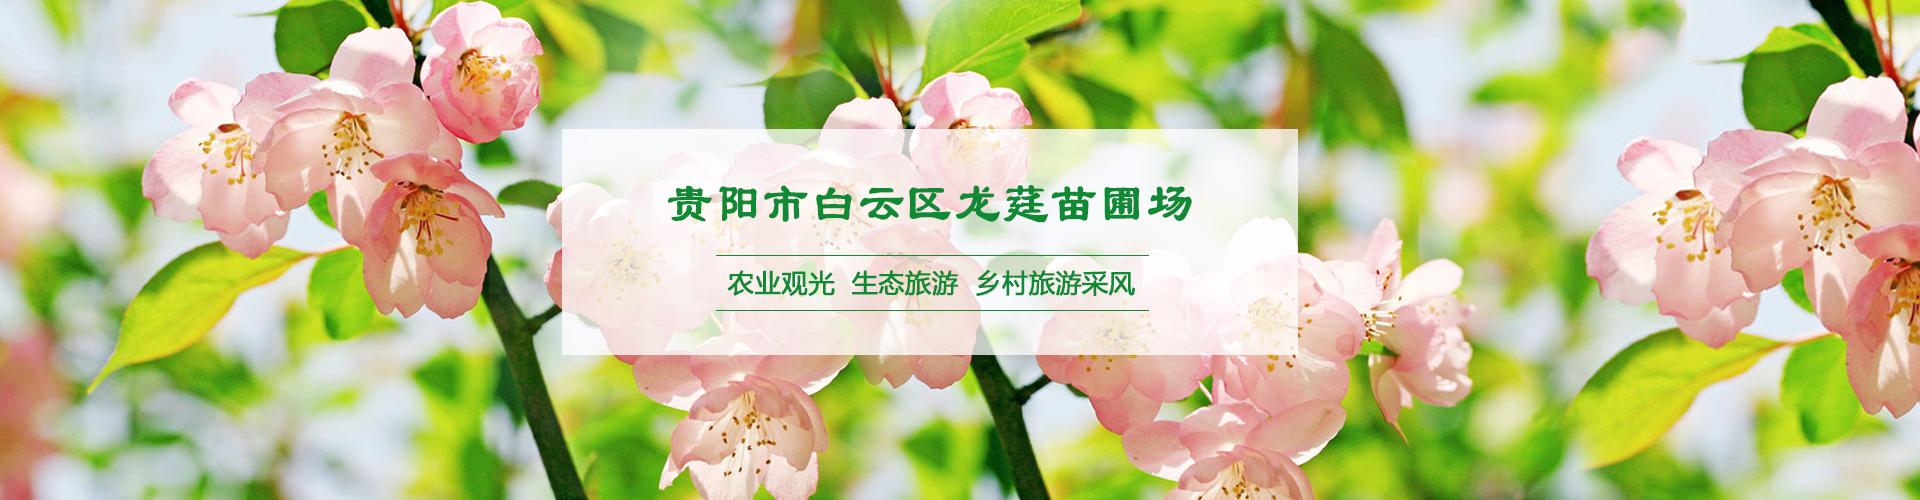 贵州海棠苗木批发